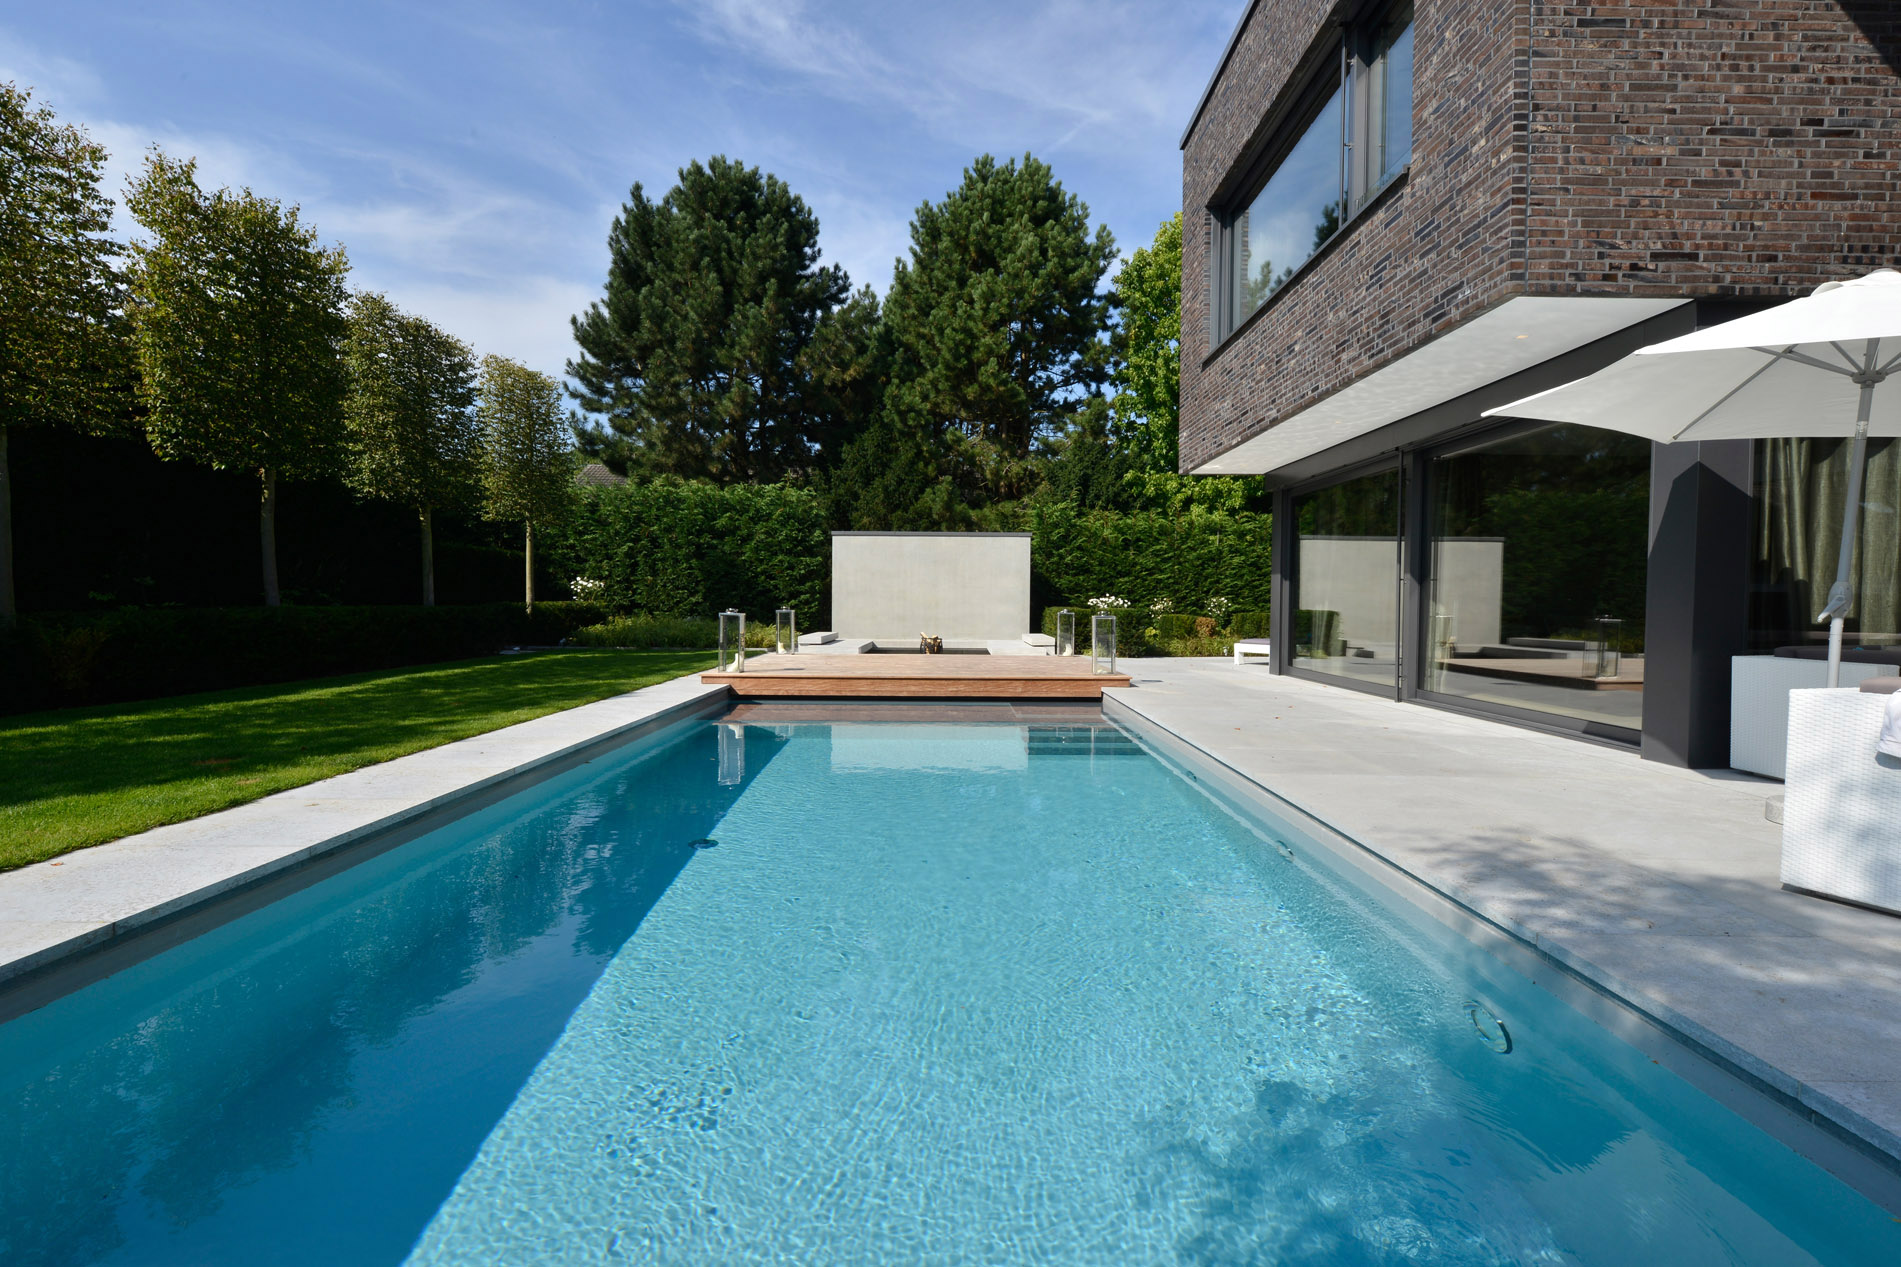 Villa mit Naturstein Bodenplatten und Poolumrandung aus Kohlplatter Muschelkalk edelgrau von TRACO